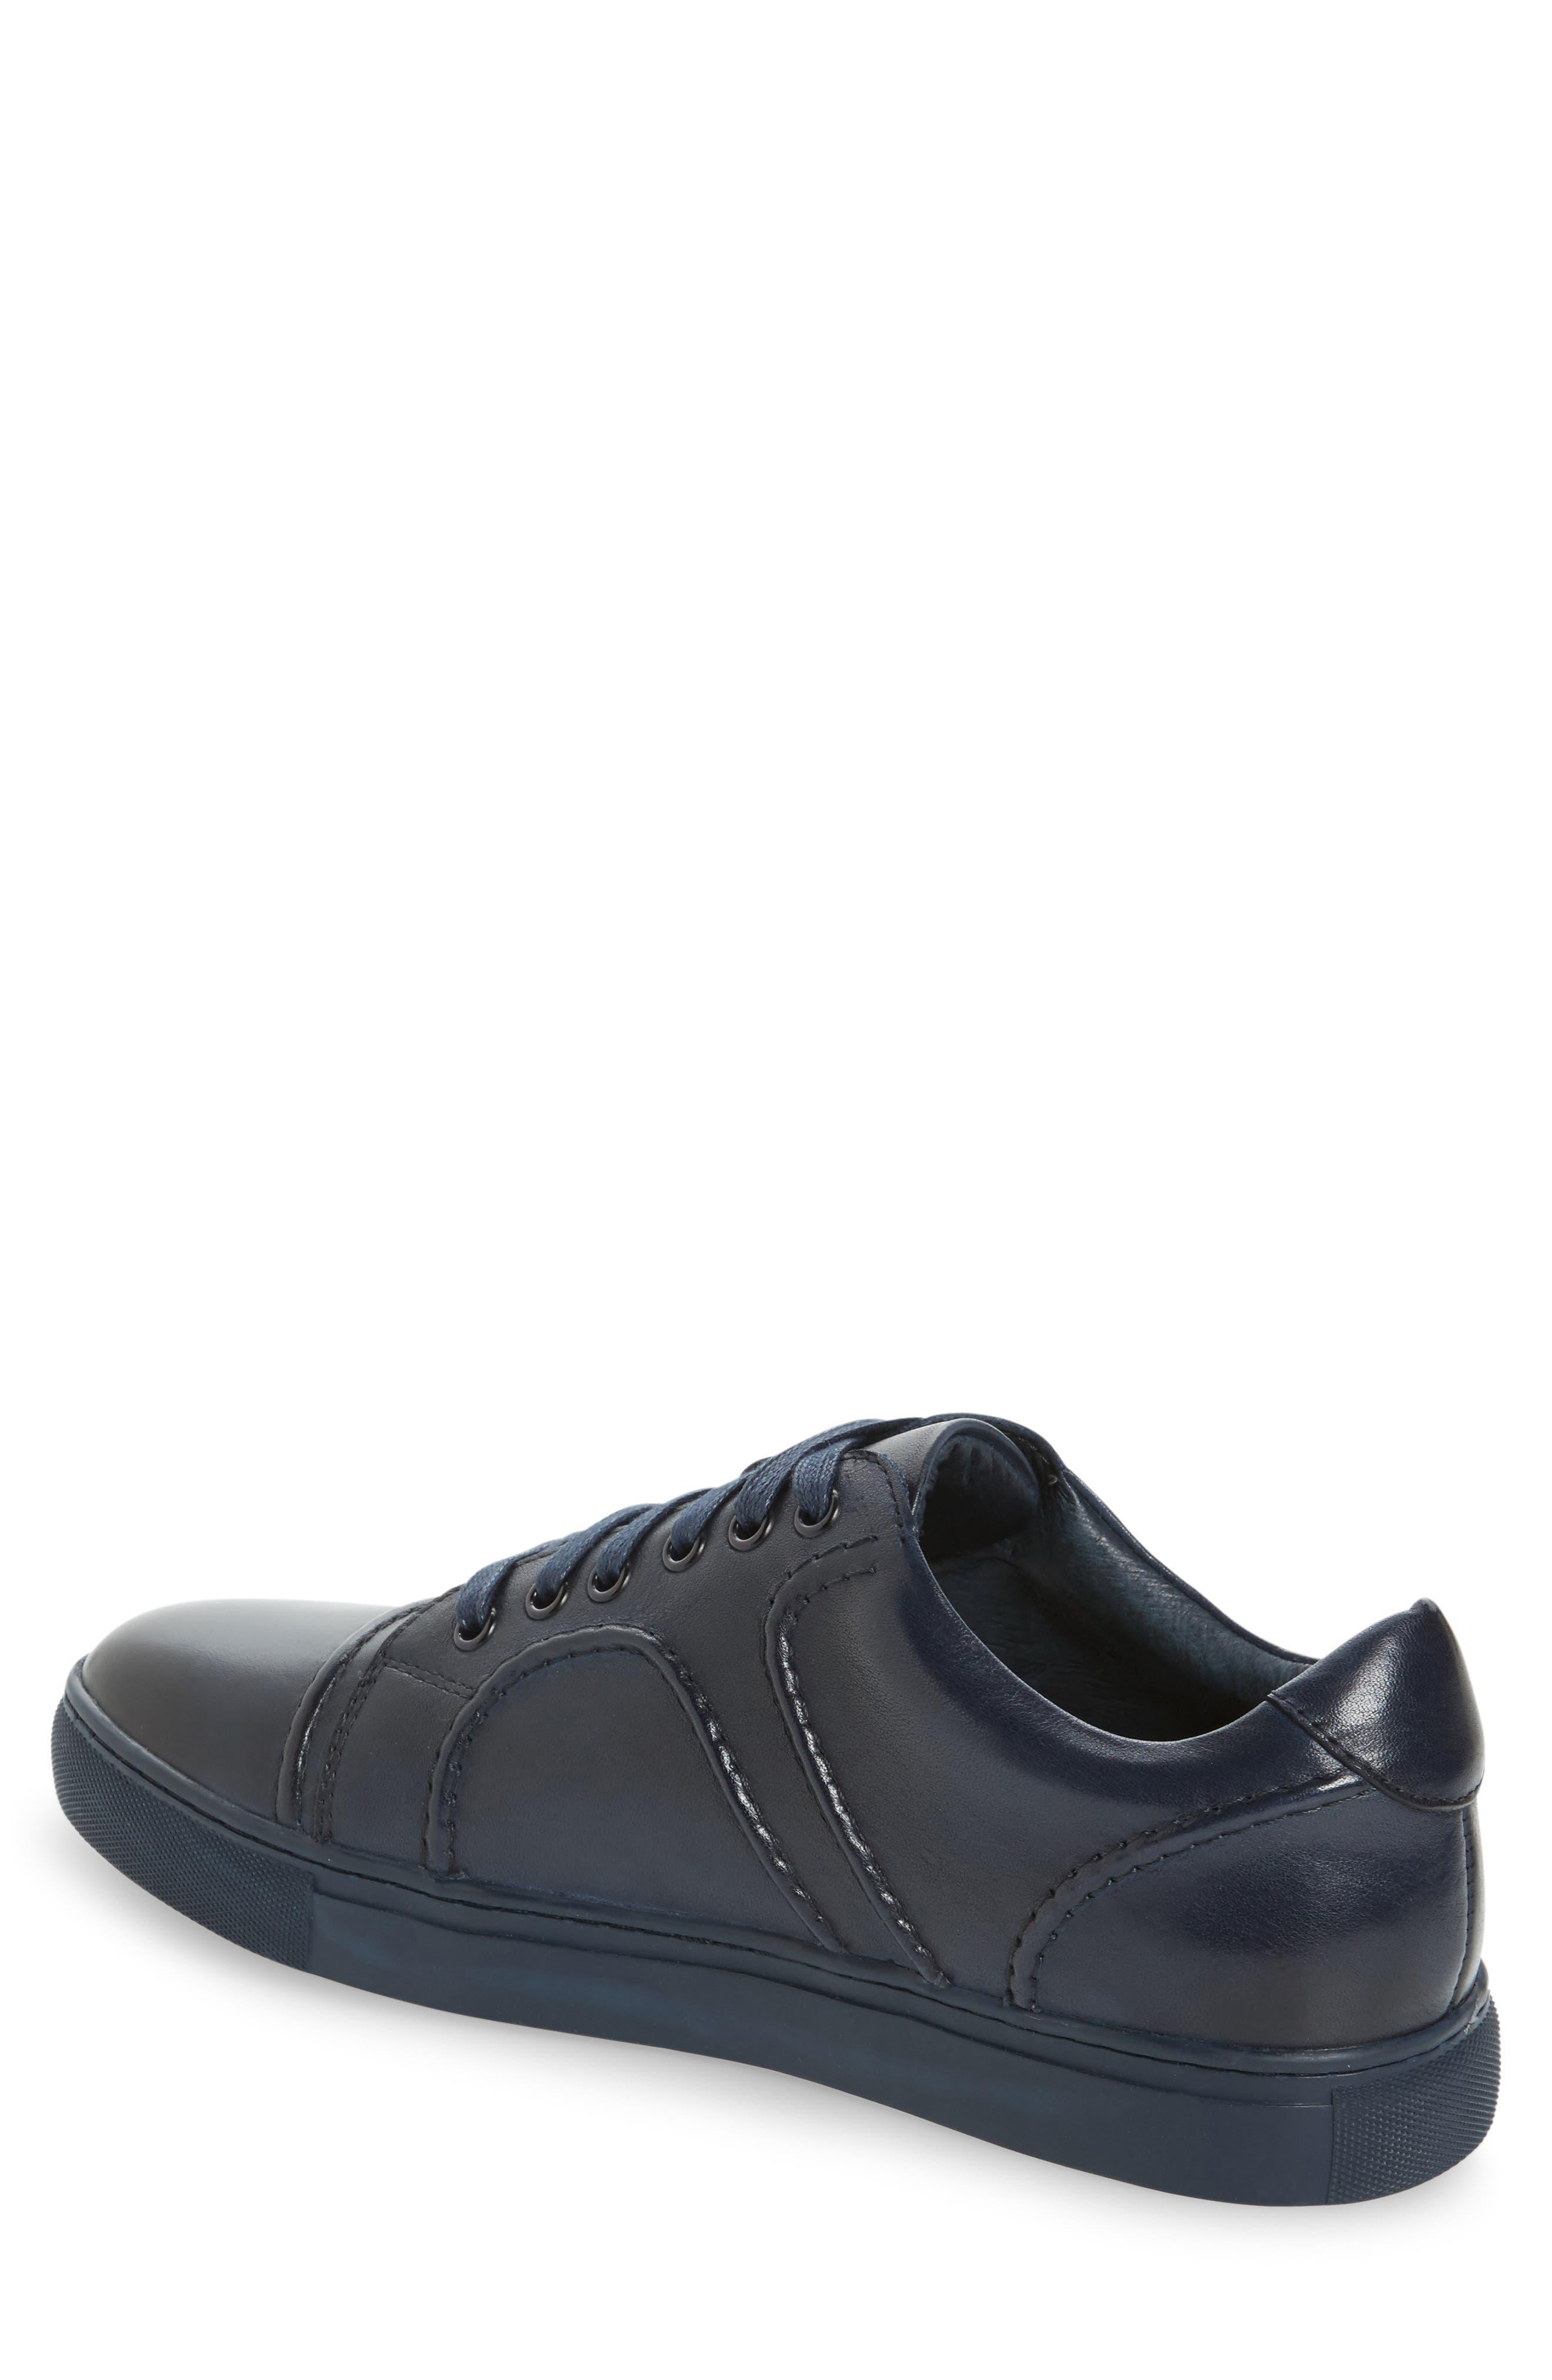 Alternate Image 2  - Zanzara 'Echo' Sneaker (Men)